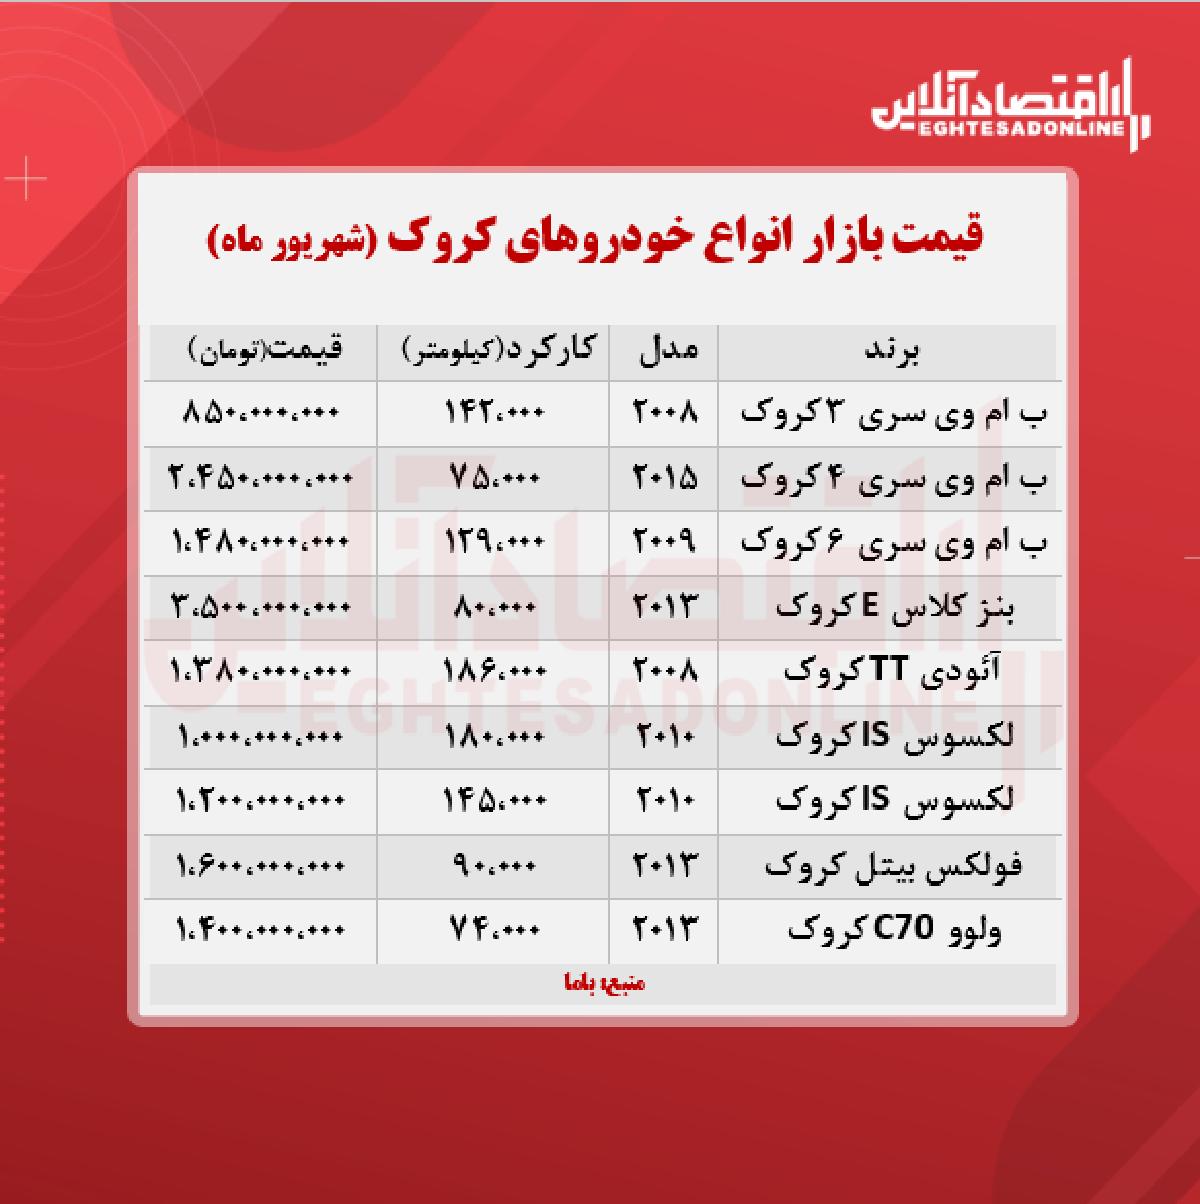 قیمت خودروهای کروک در تهران